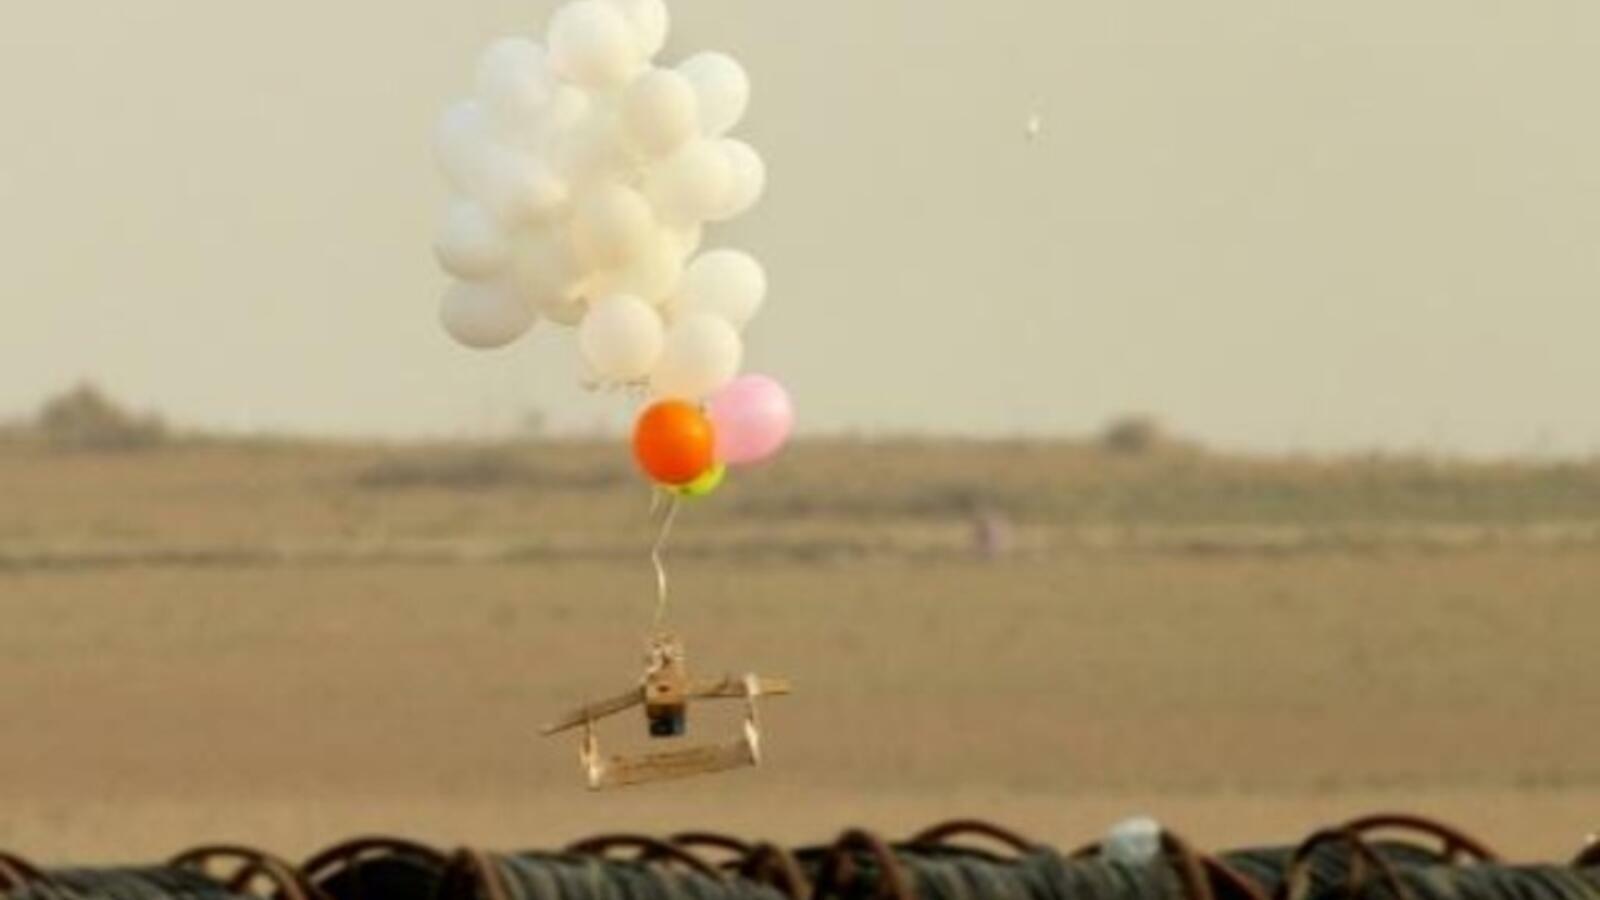 بالون متفجر من غزة يحط في قاعدة عسكرية إسرائيلية